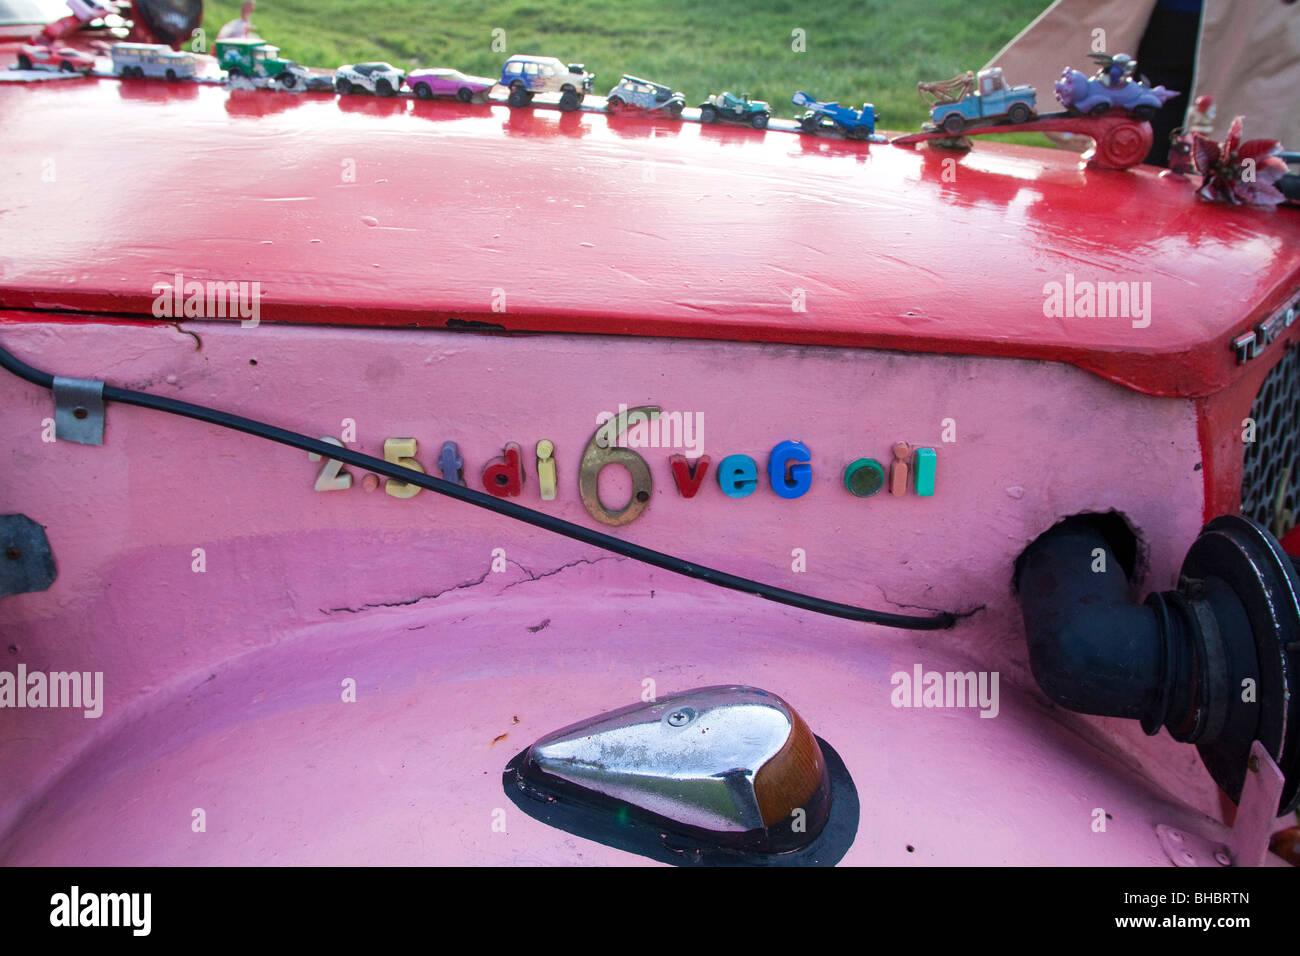 Rosa ökologische Auto gemacht verschiedener Hersteller Teile, laufen auf Pflanzenöl Kraftstoffverbrauch Stockbild